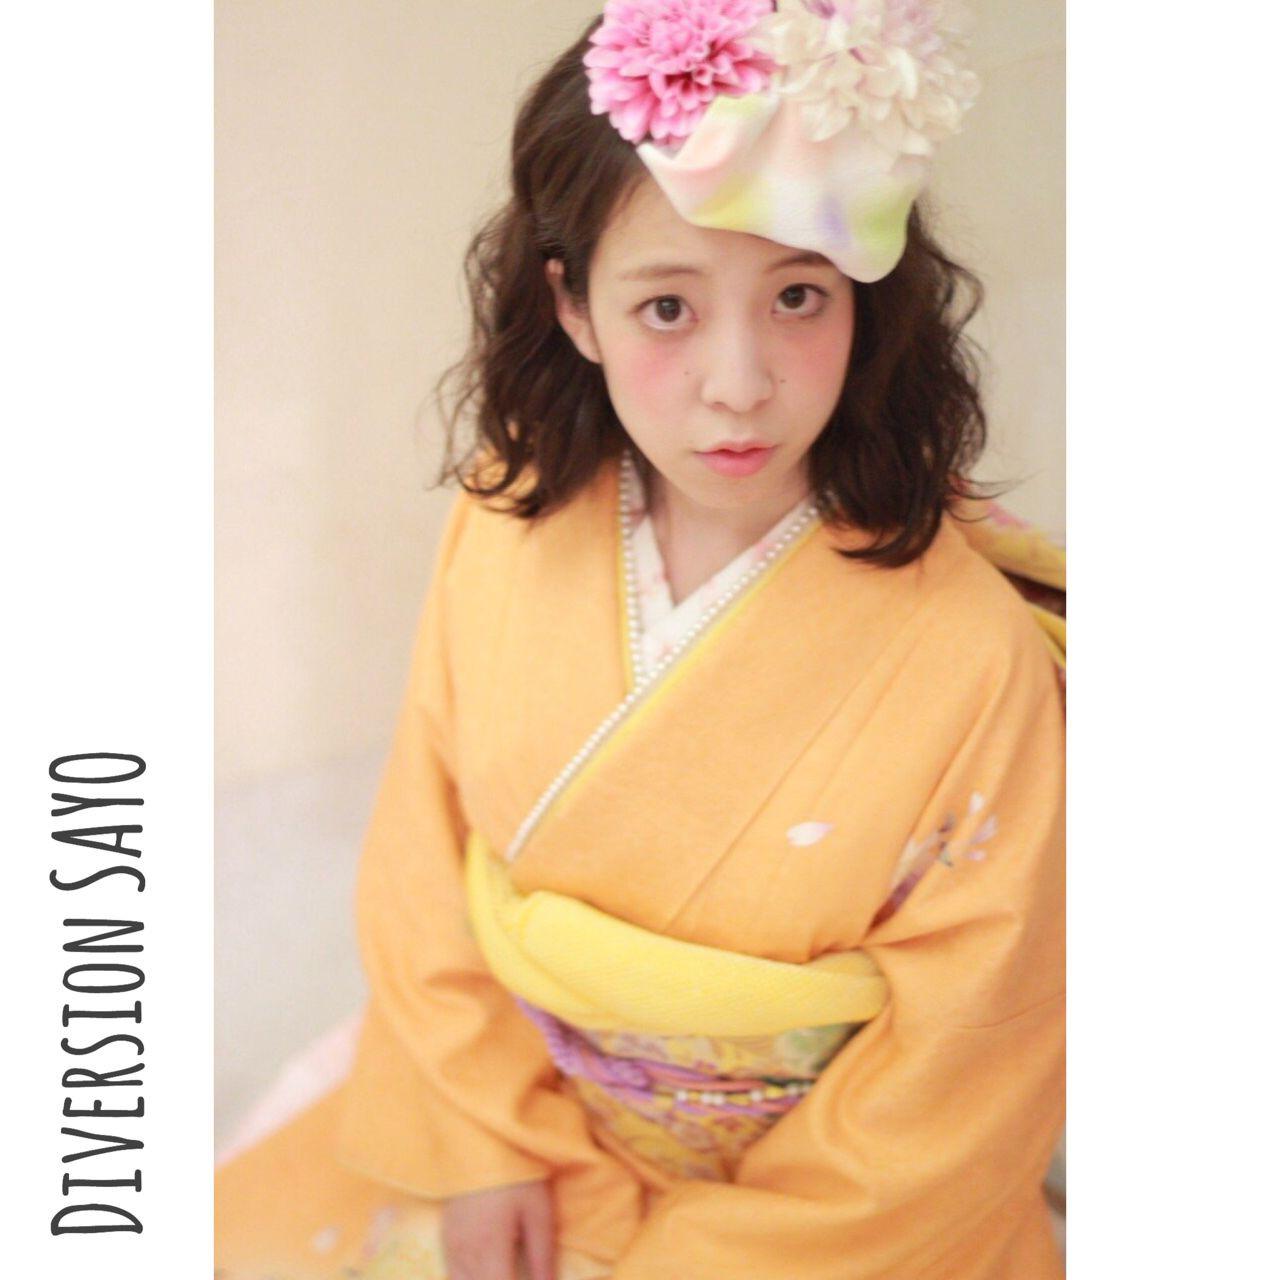 【髪型カタログ】着物に似合うショートのおすすめ髪型アレンジ特集 和田 早代